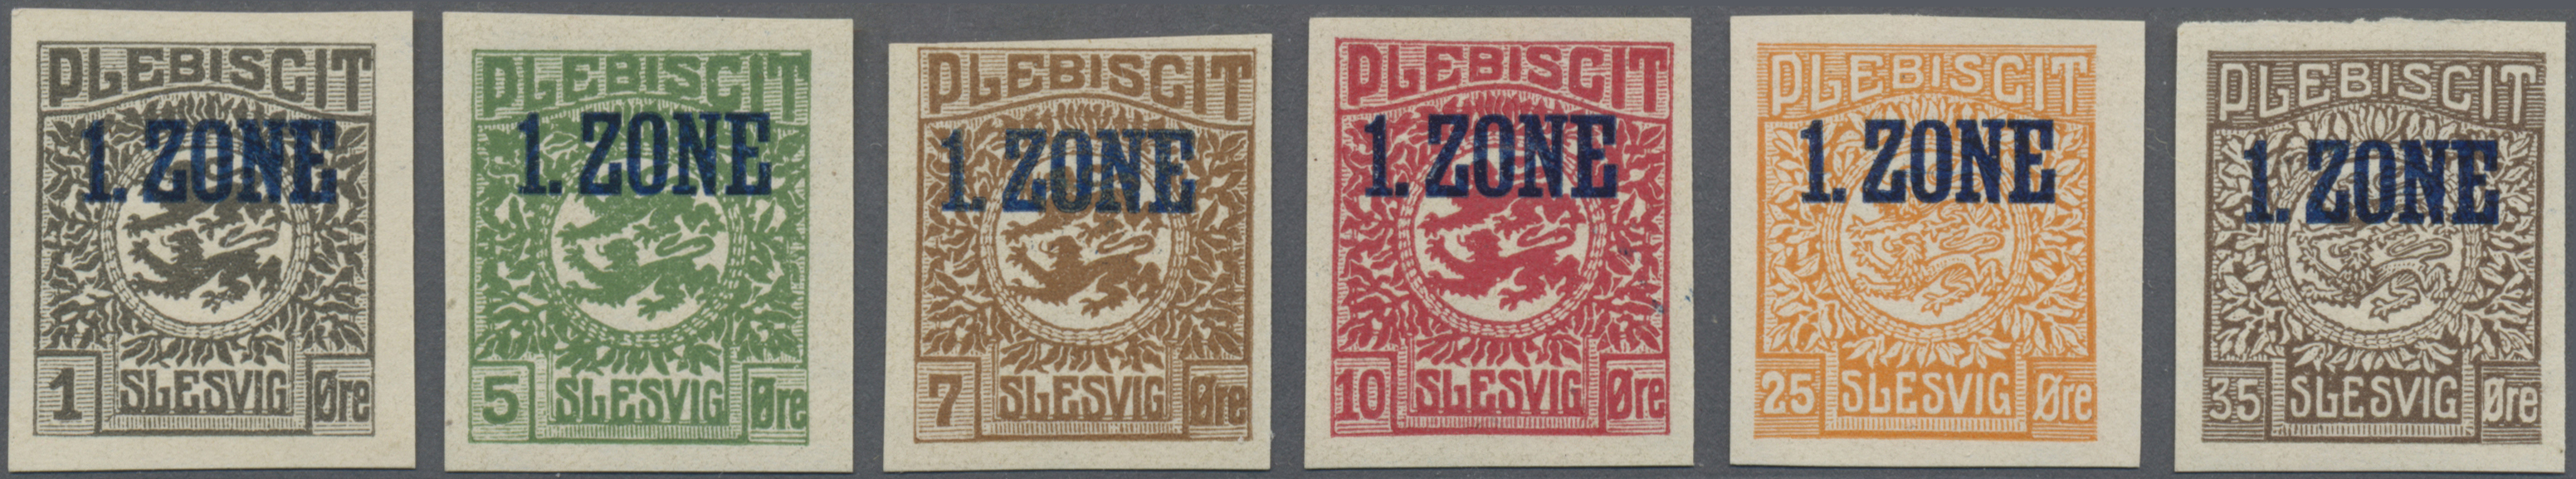 Lot 11590 - Deutsche Abstimmungsgebiete: Schleswig  -  Auktionshaus Christoph Gärtner GmbH & Co. KG Sale #48 The Single Lots Philatelie